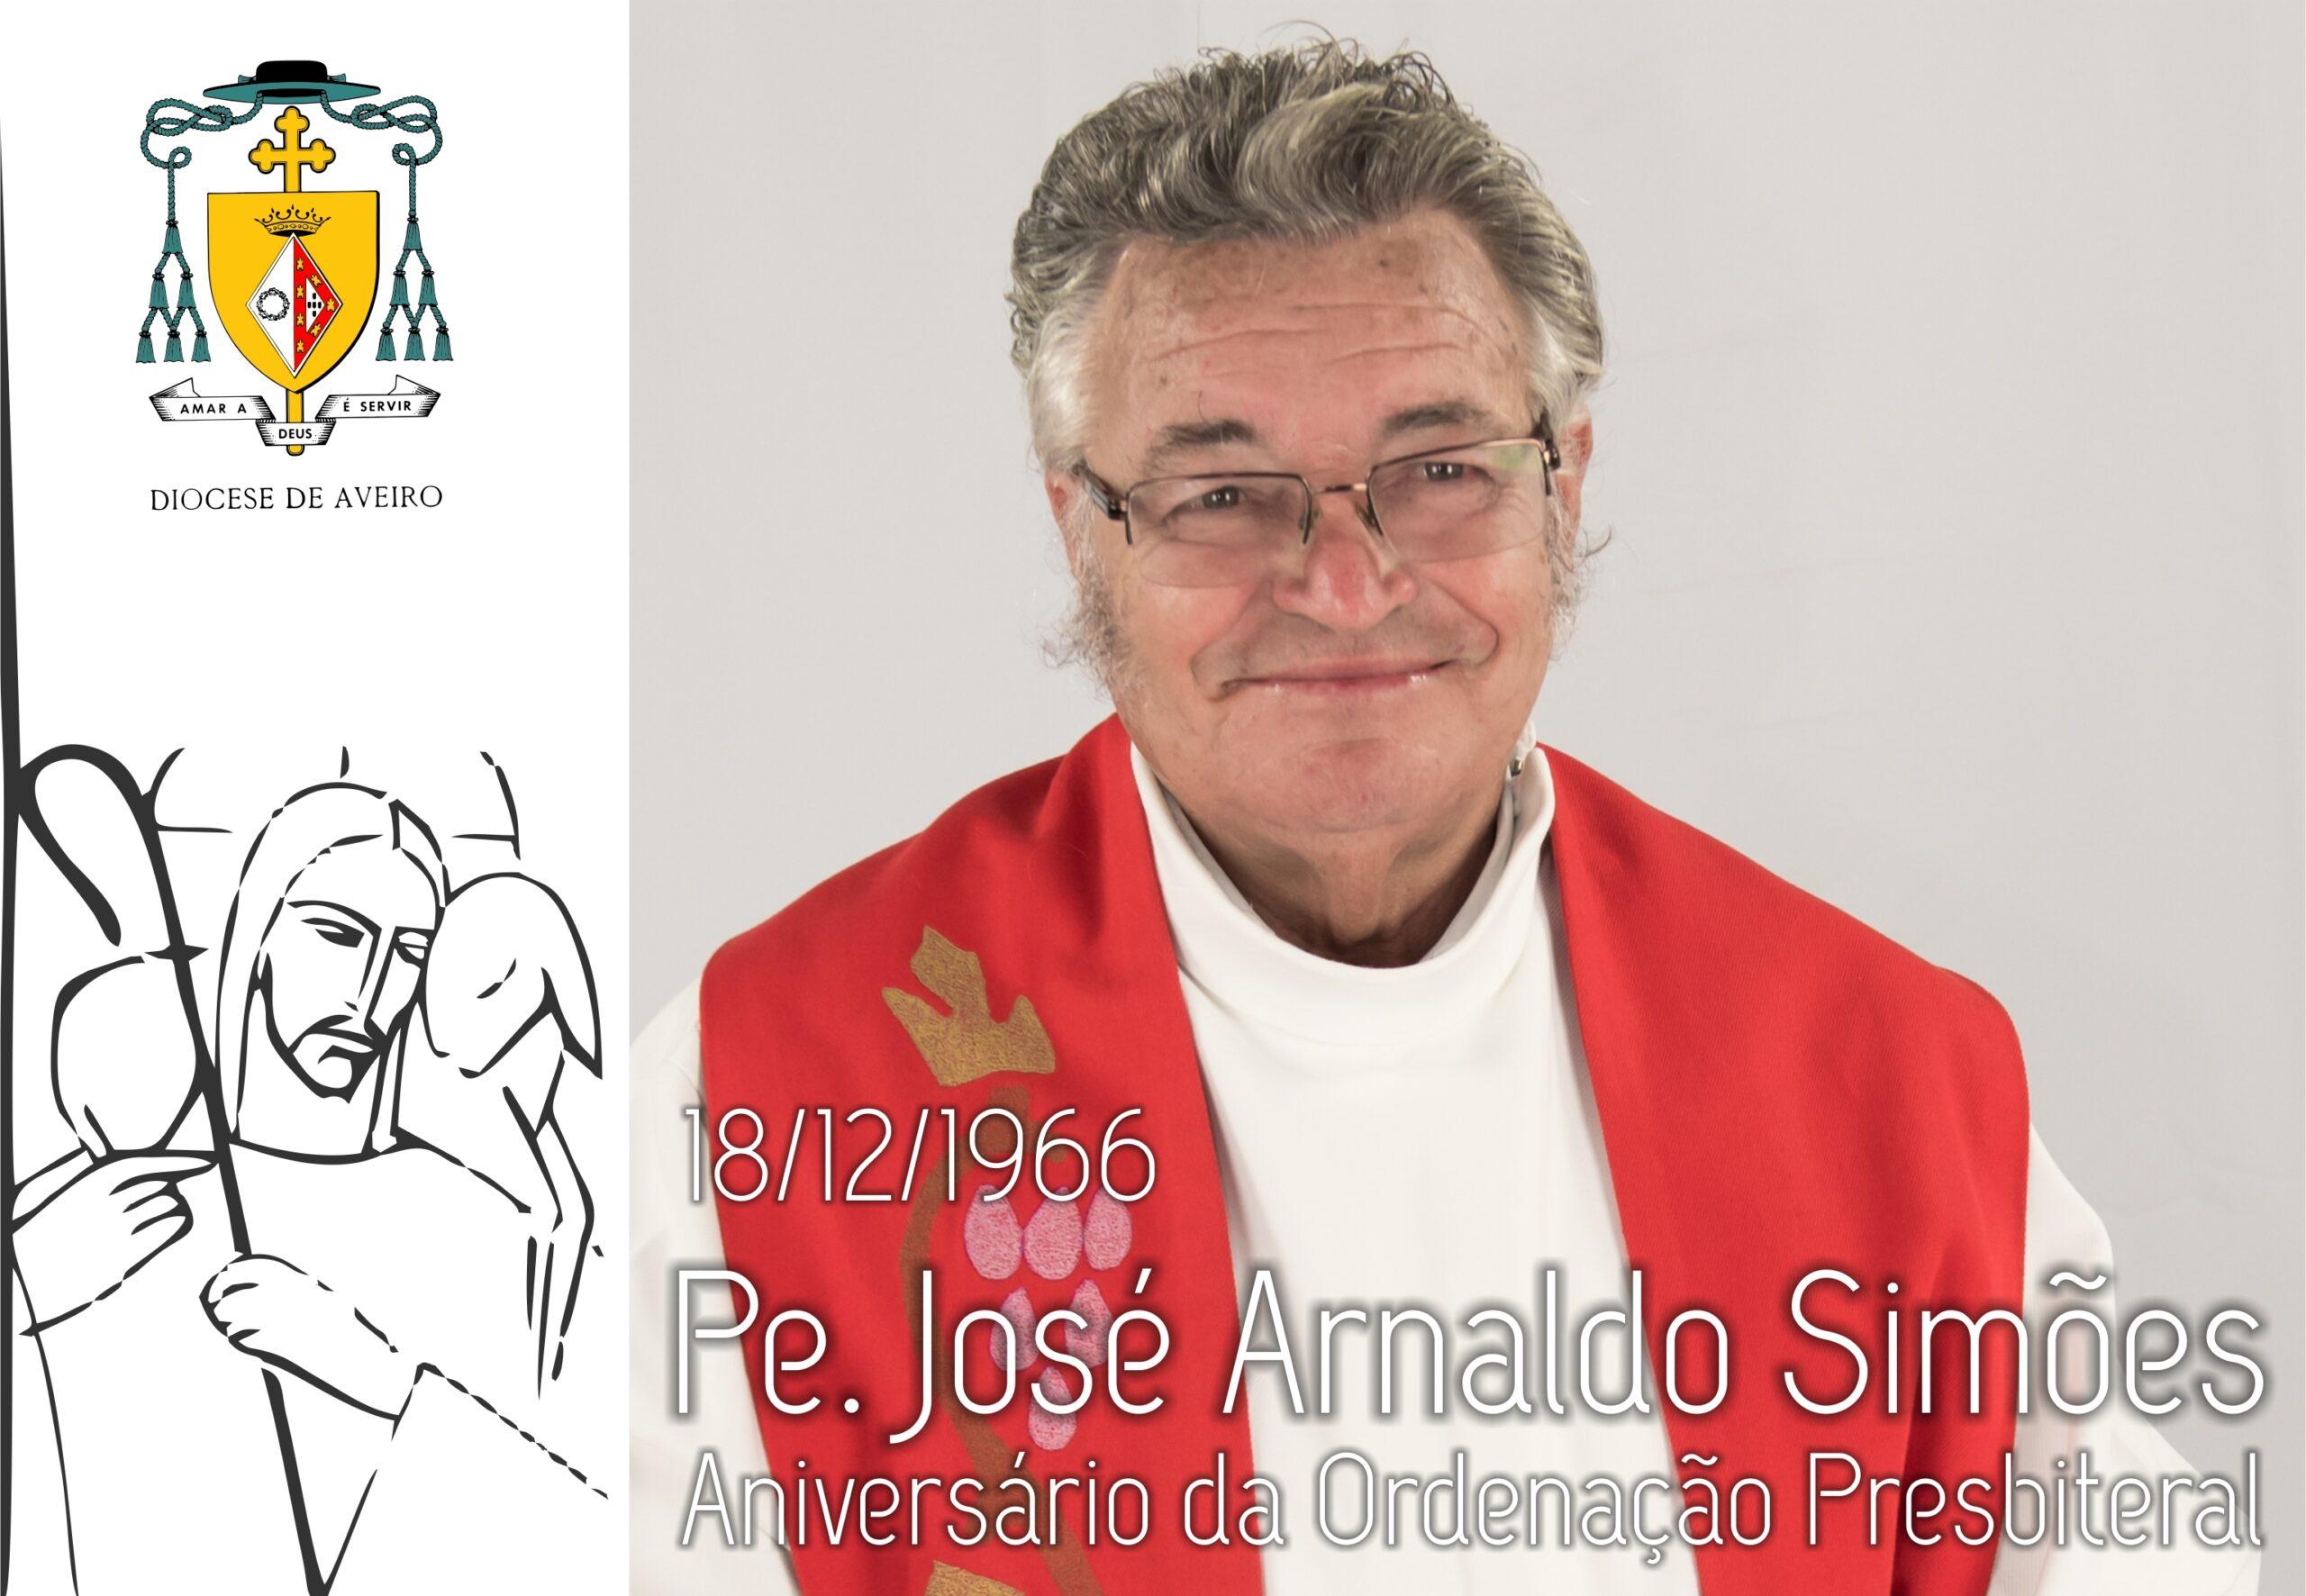 12.18-_Pe.-Jose-Arnaldo-Simoes